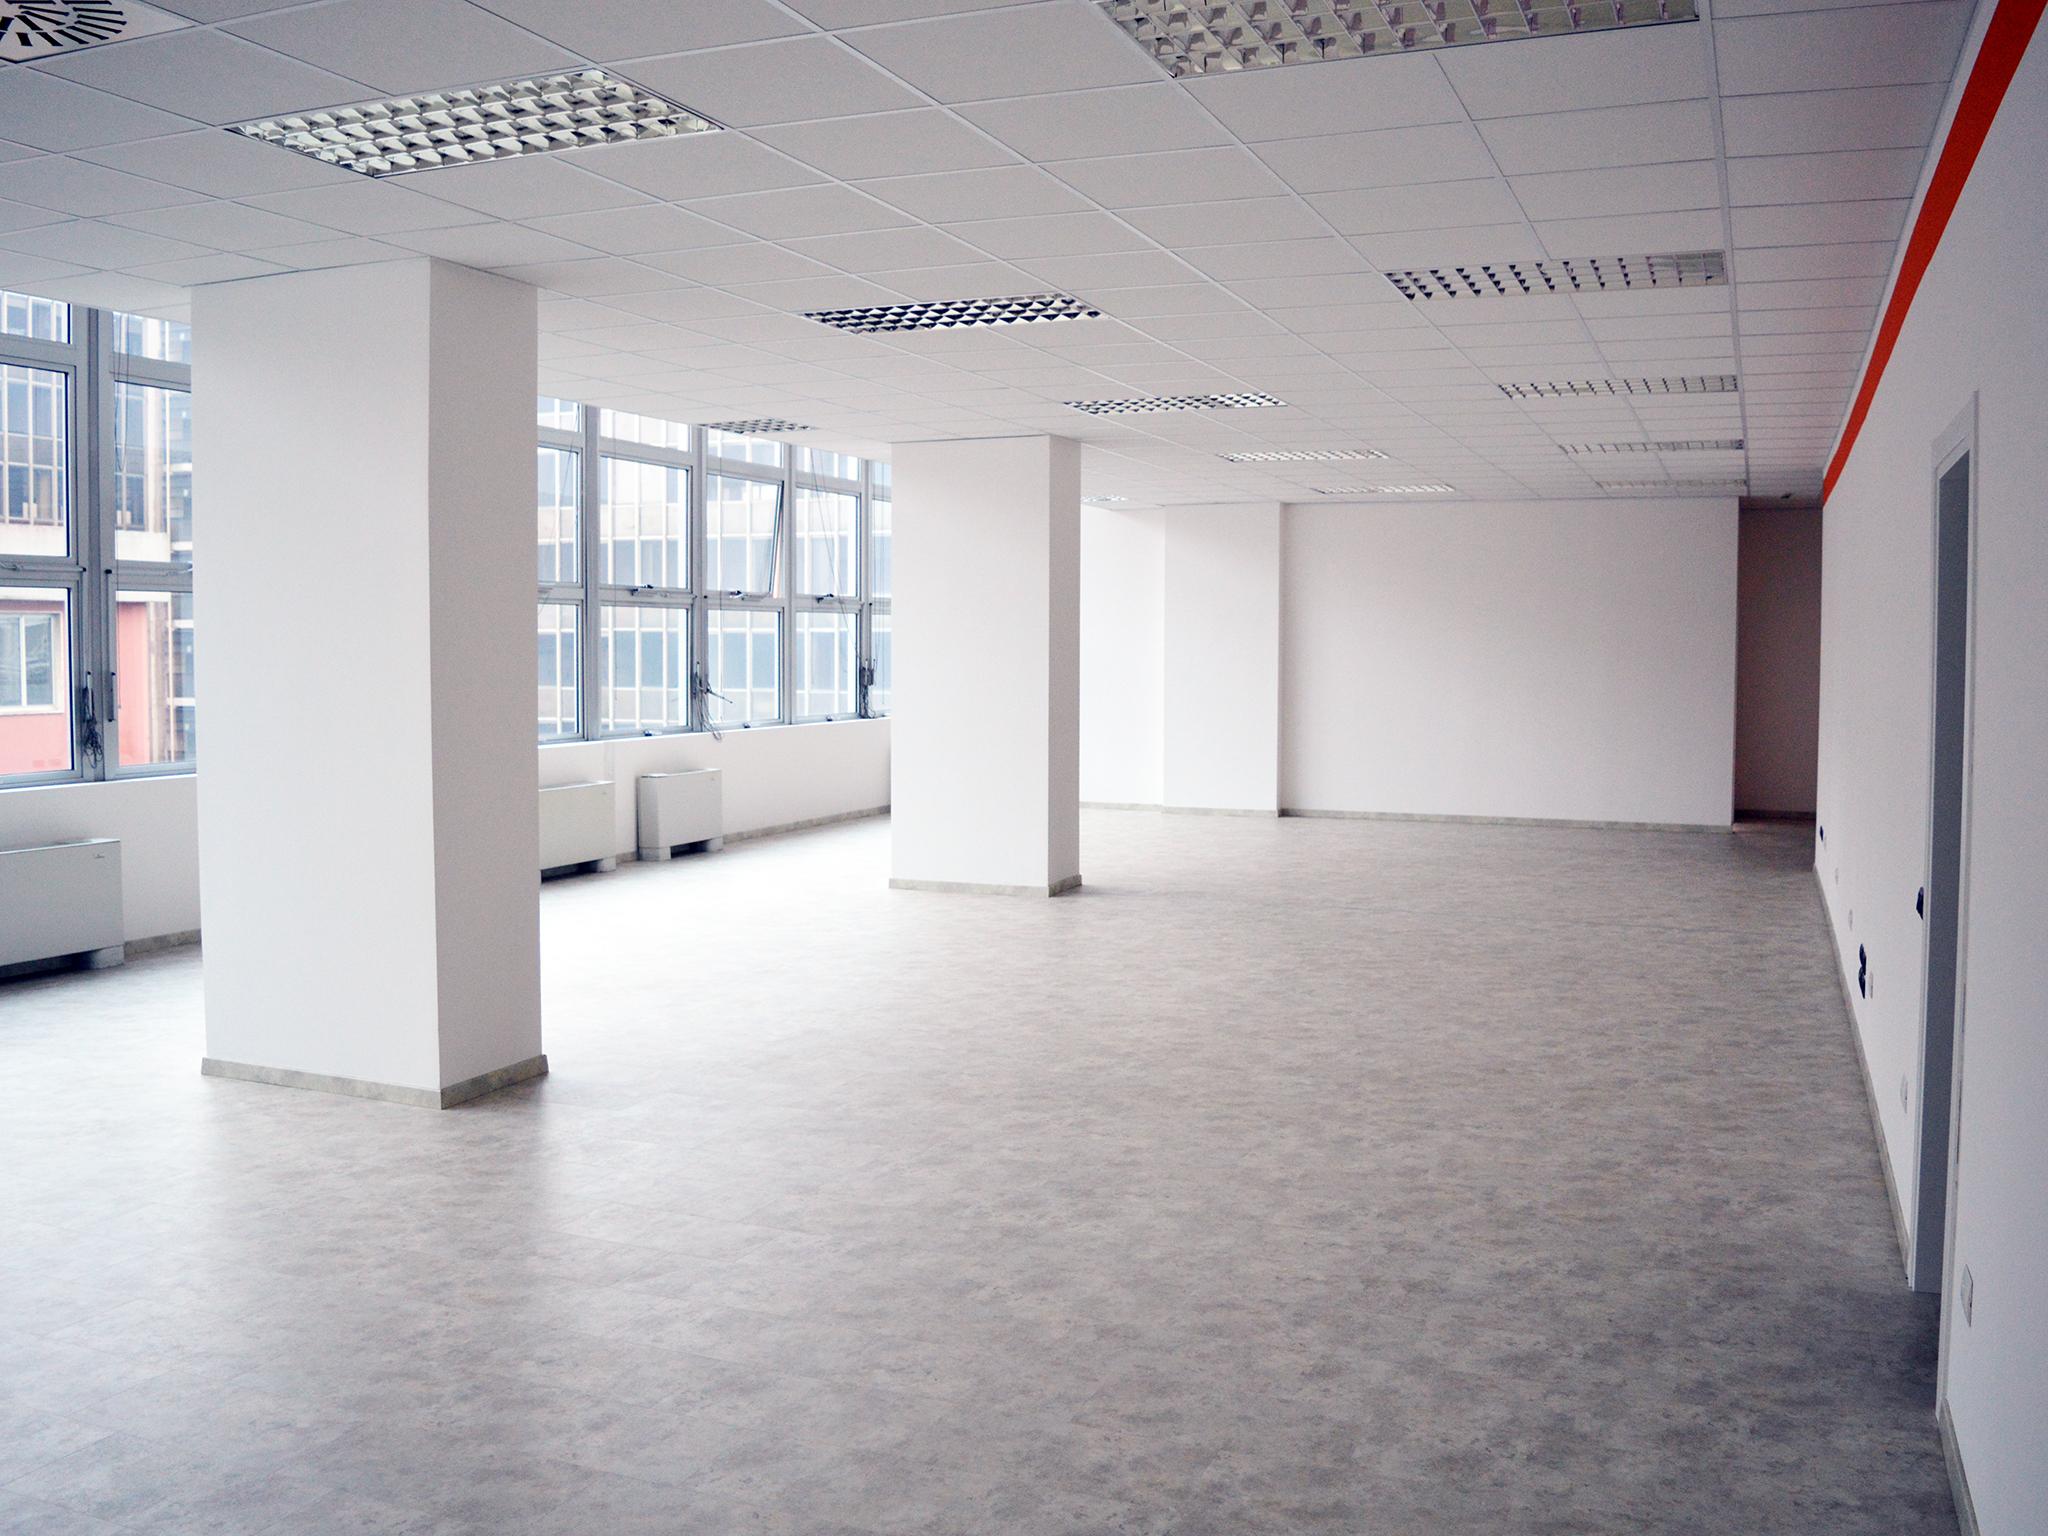 Office to rent in Milan 750 m² (8073 ft²) third floor